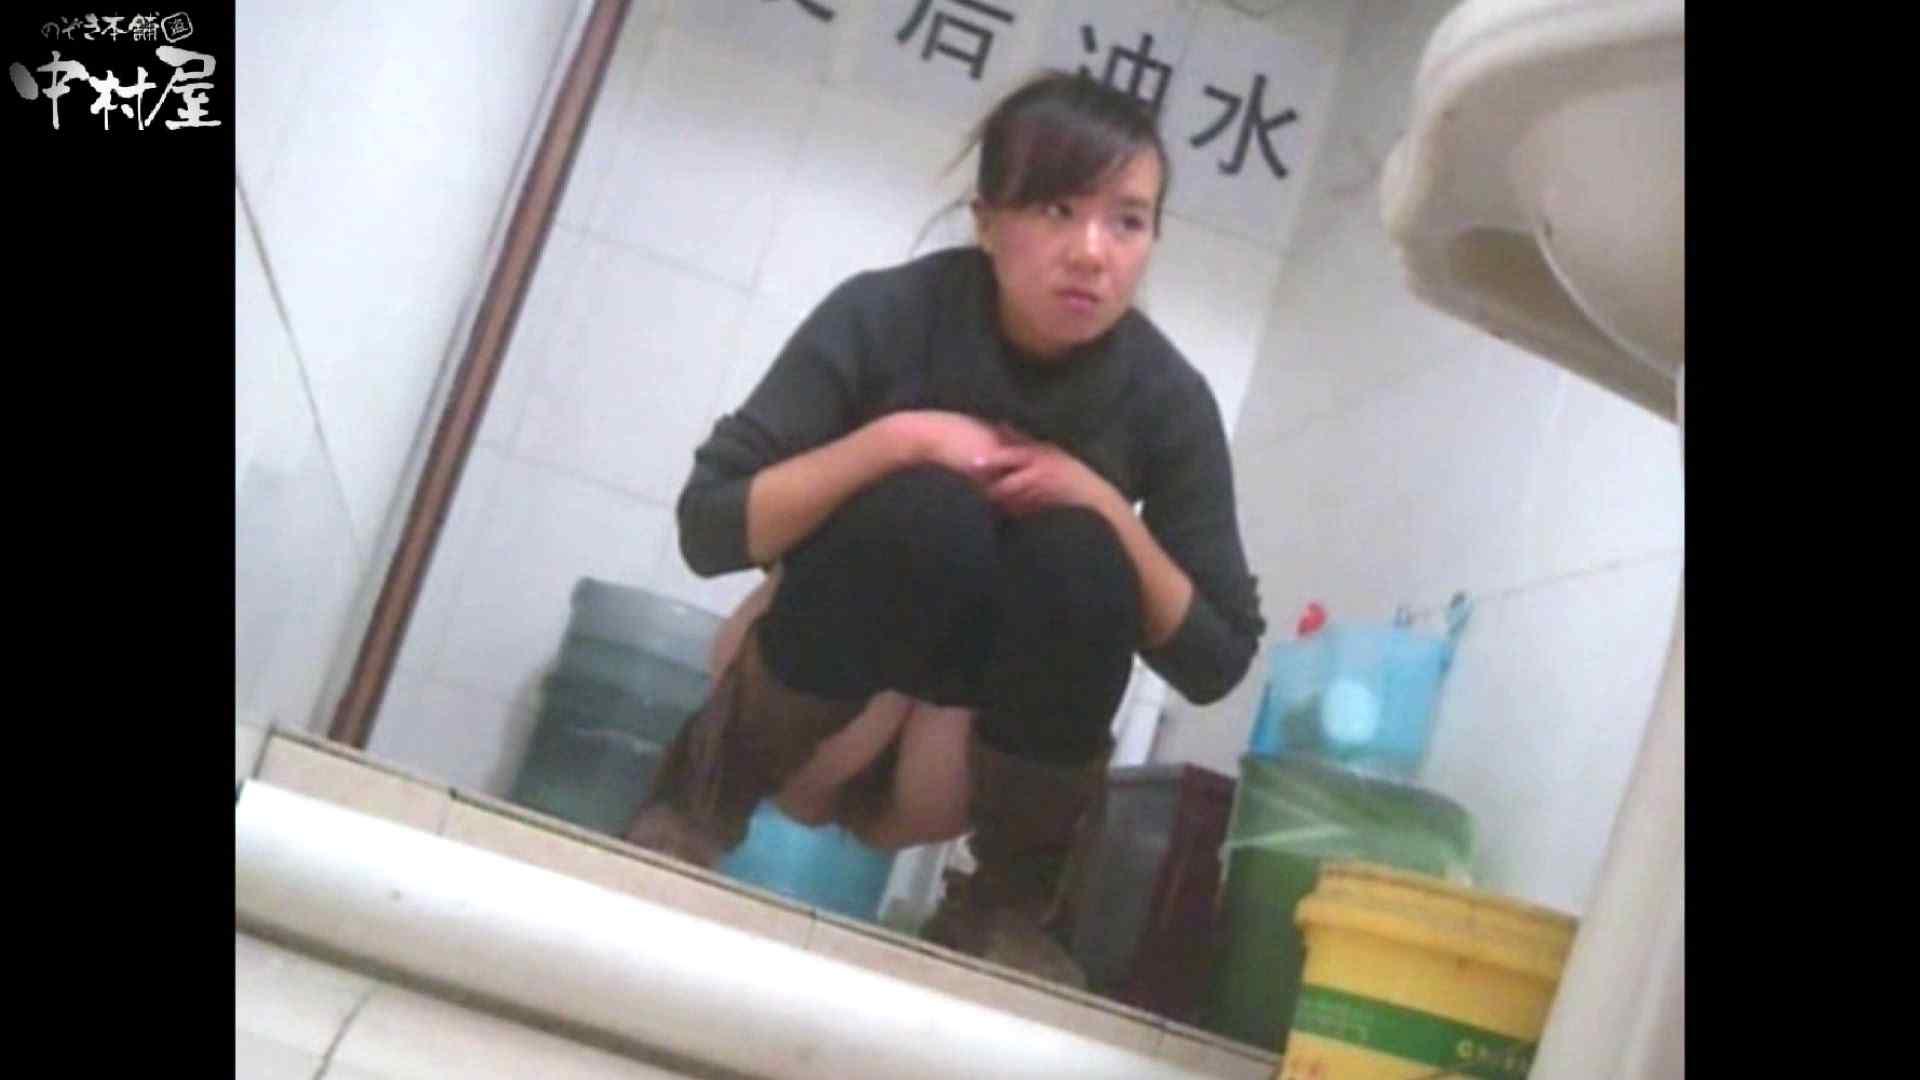 李さんの盗撮日記 Vol.16 トイレ 盗み撮りAV無料動画キャプチャ 55画像 3